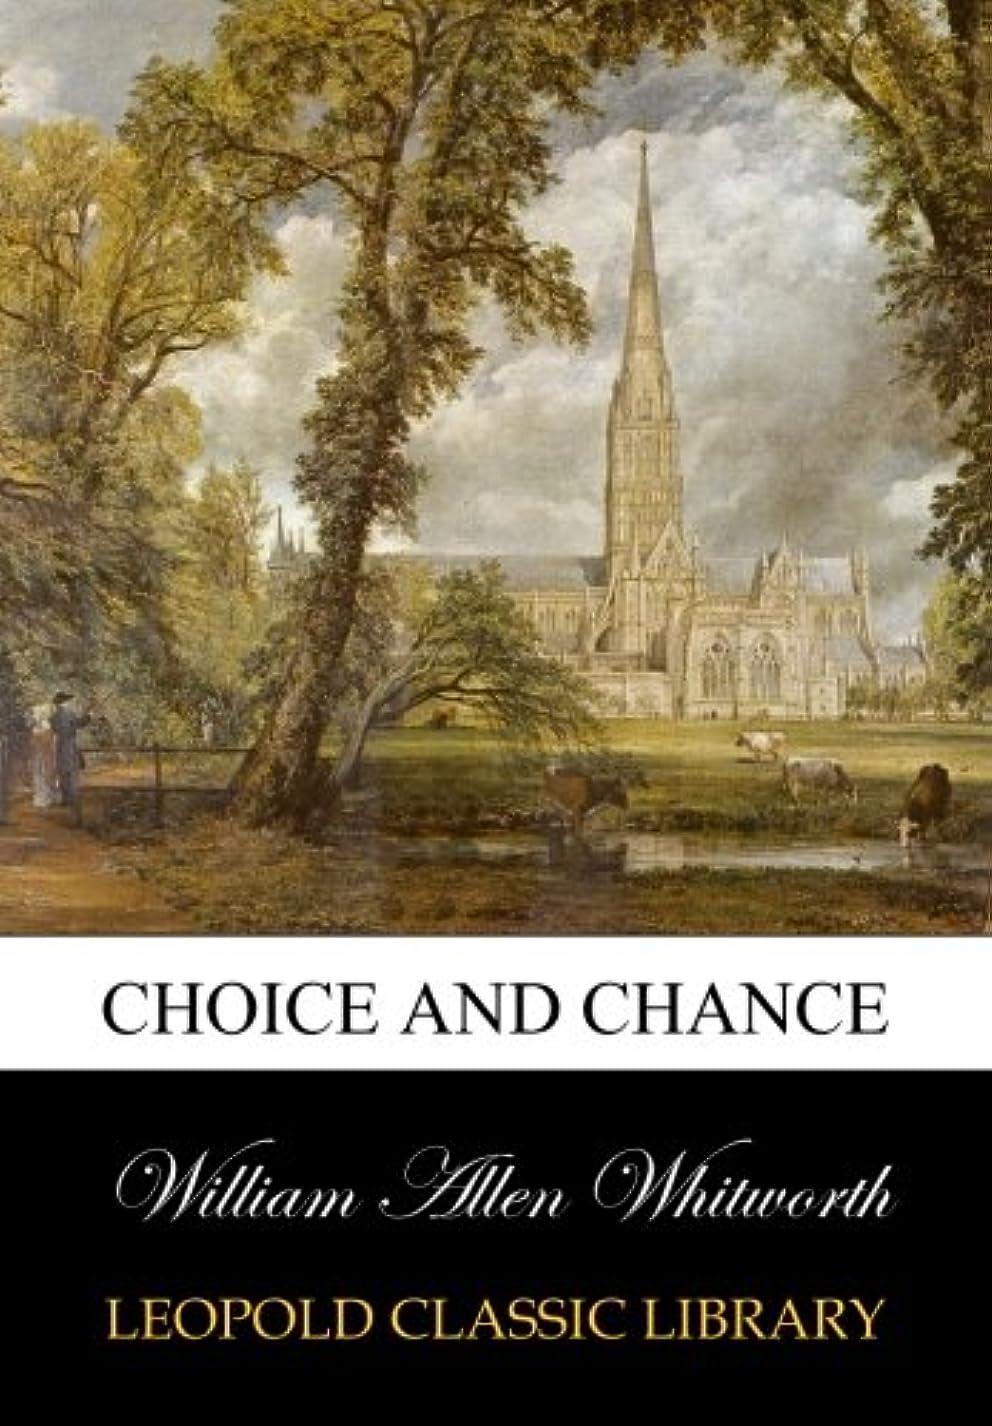 白鳥欲望Choice and chance